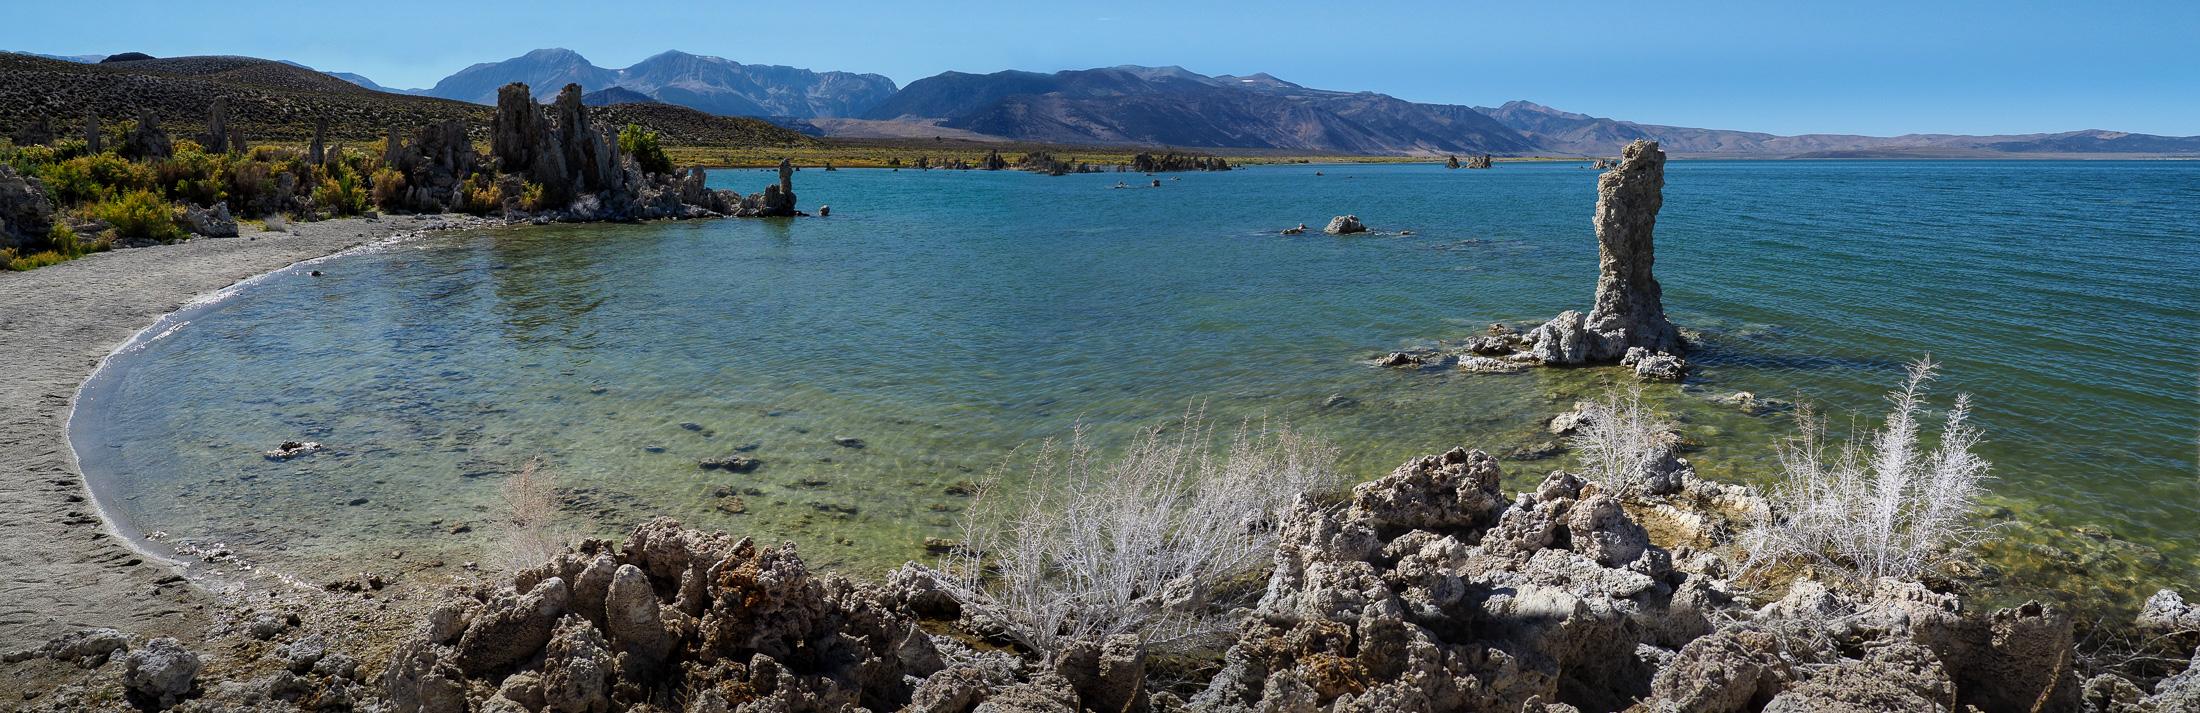 Panorama vom Mono Lake